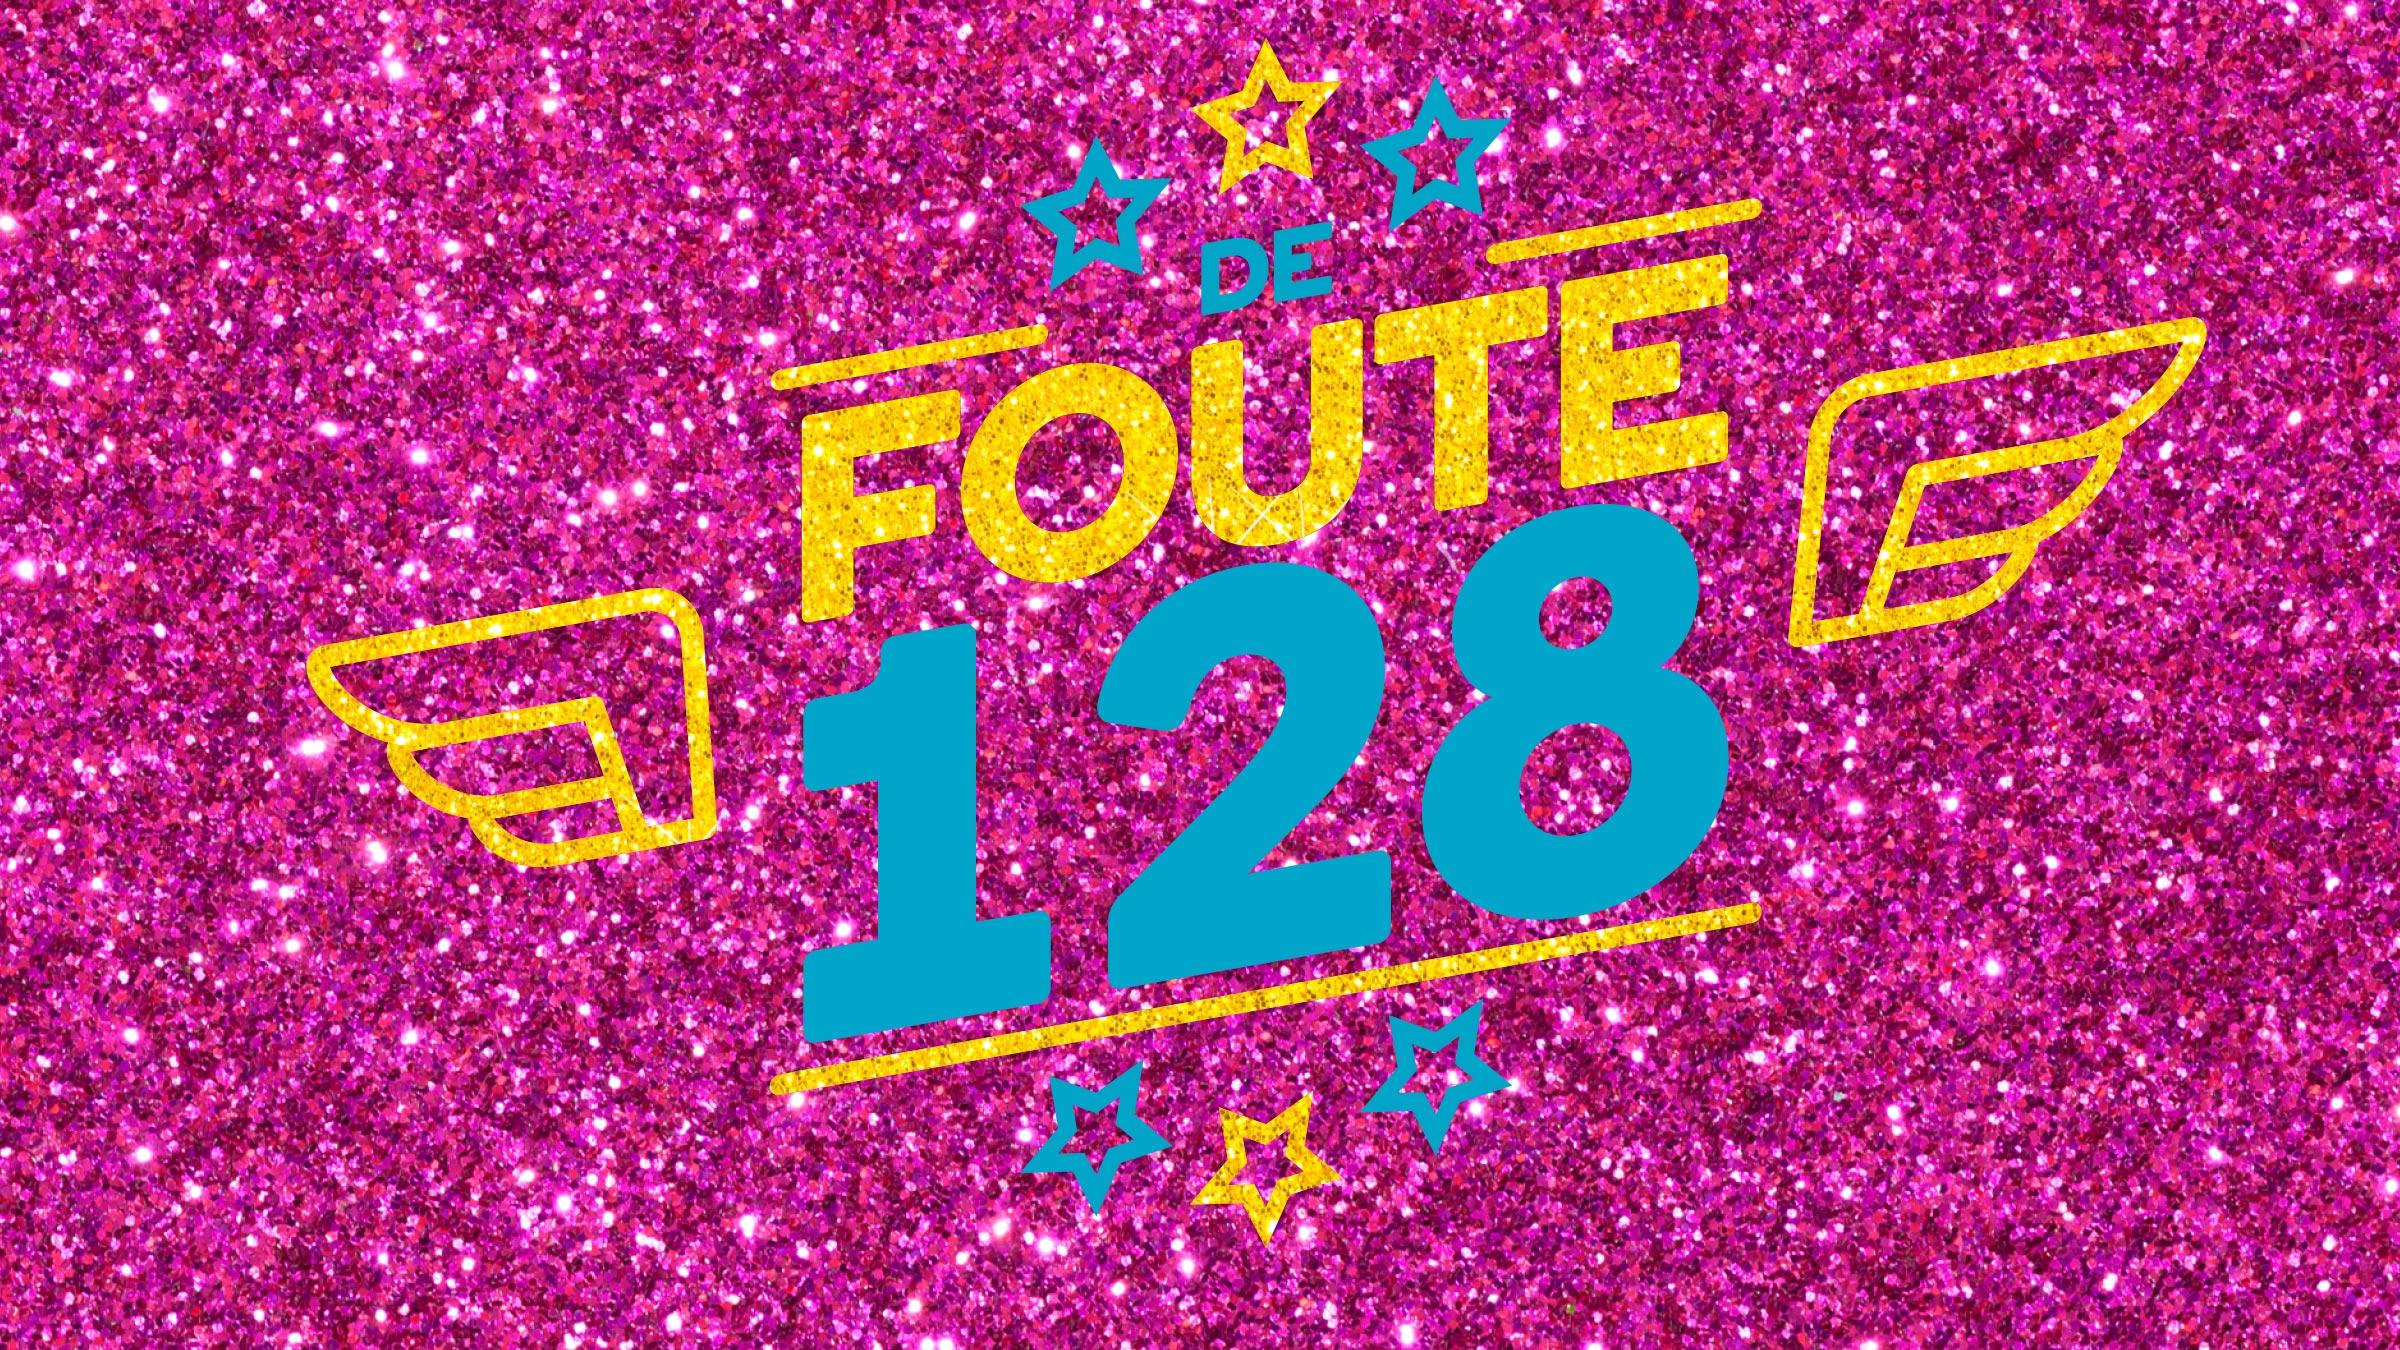 16x9 foute128 nc